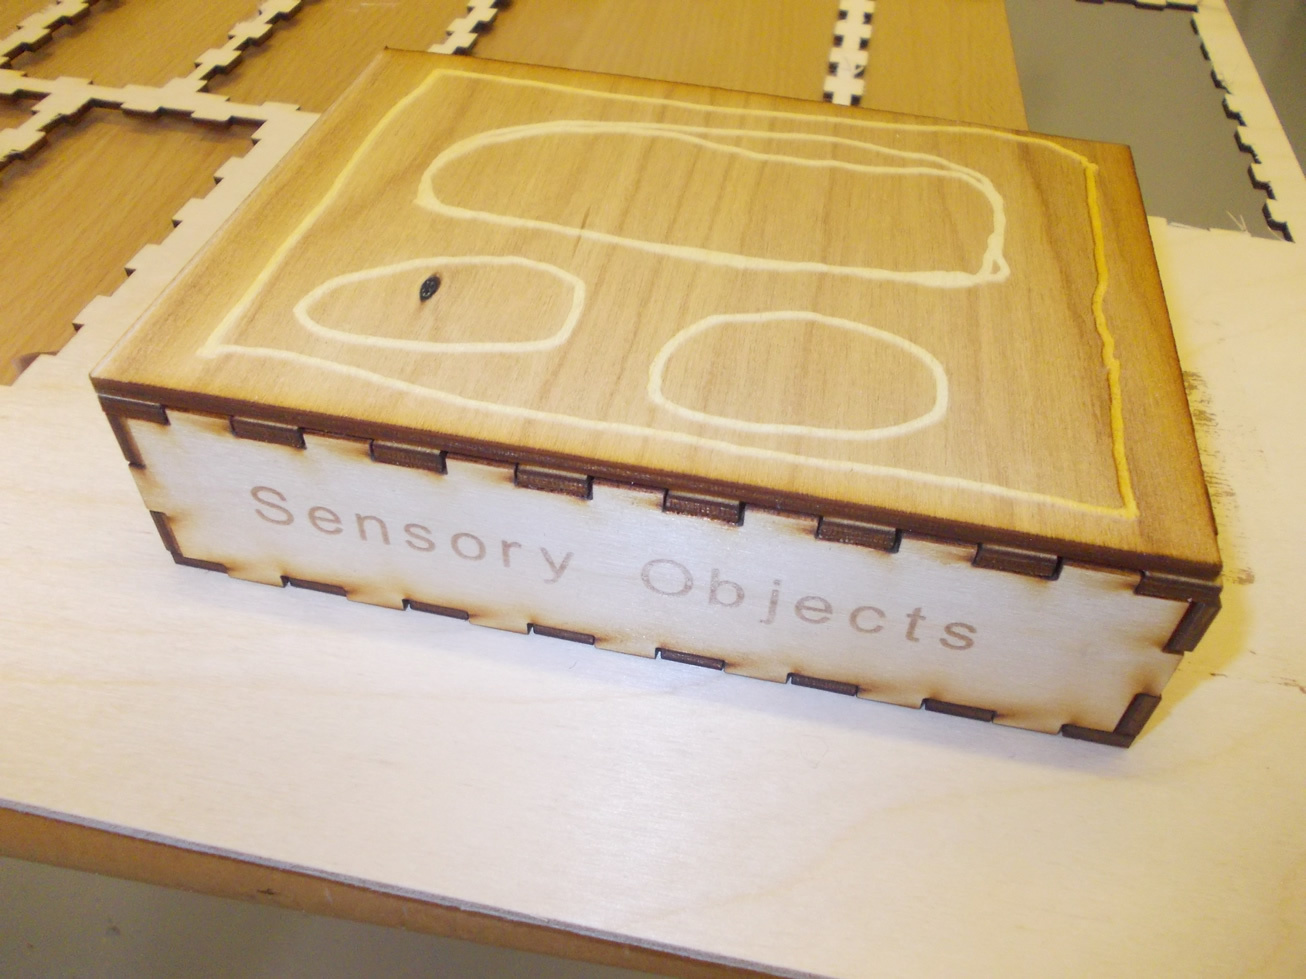 sensory object box